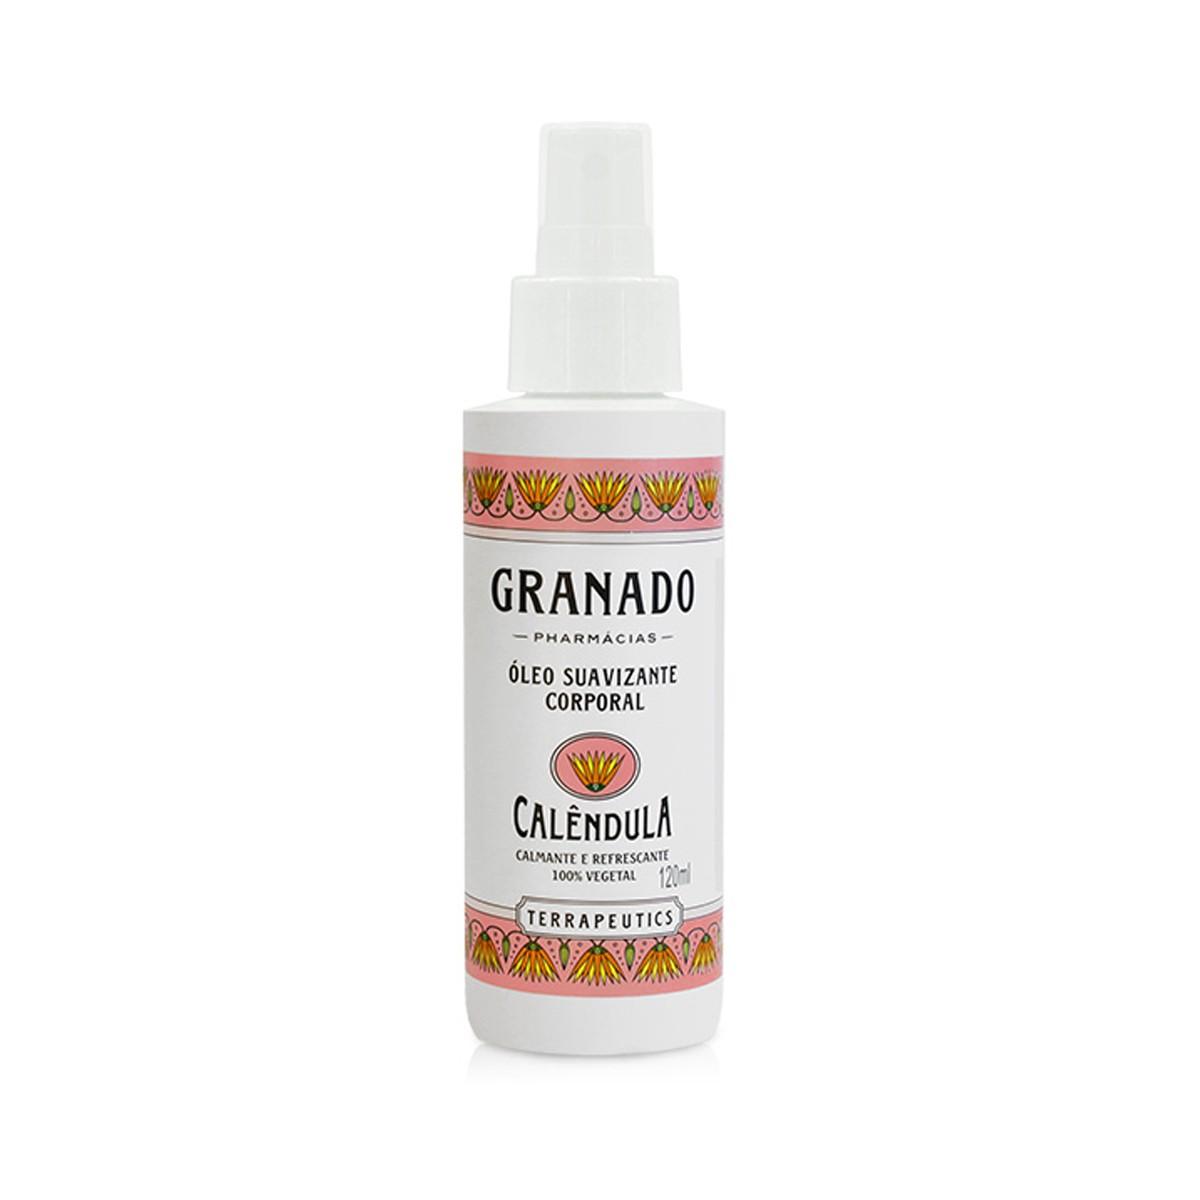 Oleo Granado Terrapeutics 120ml Calendula